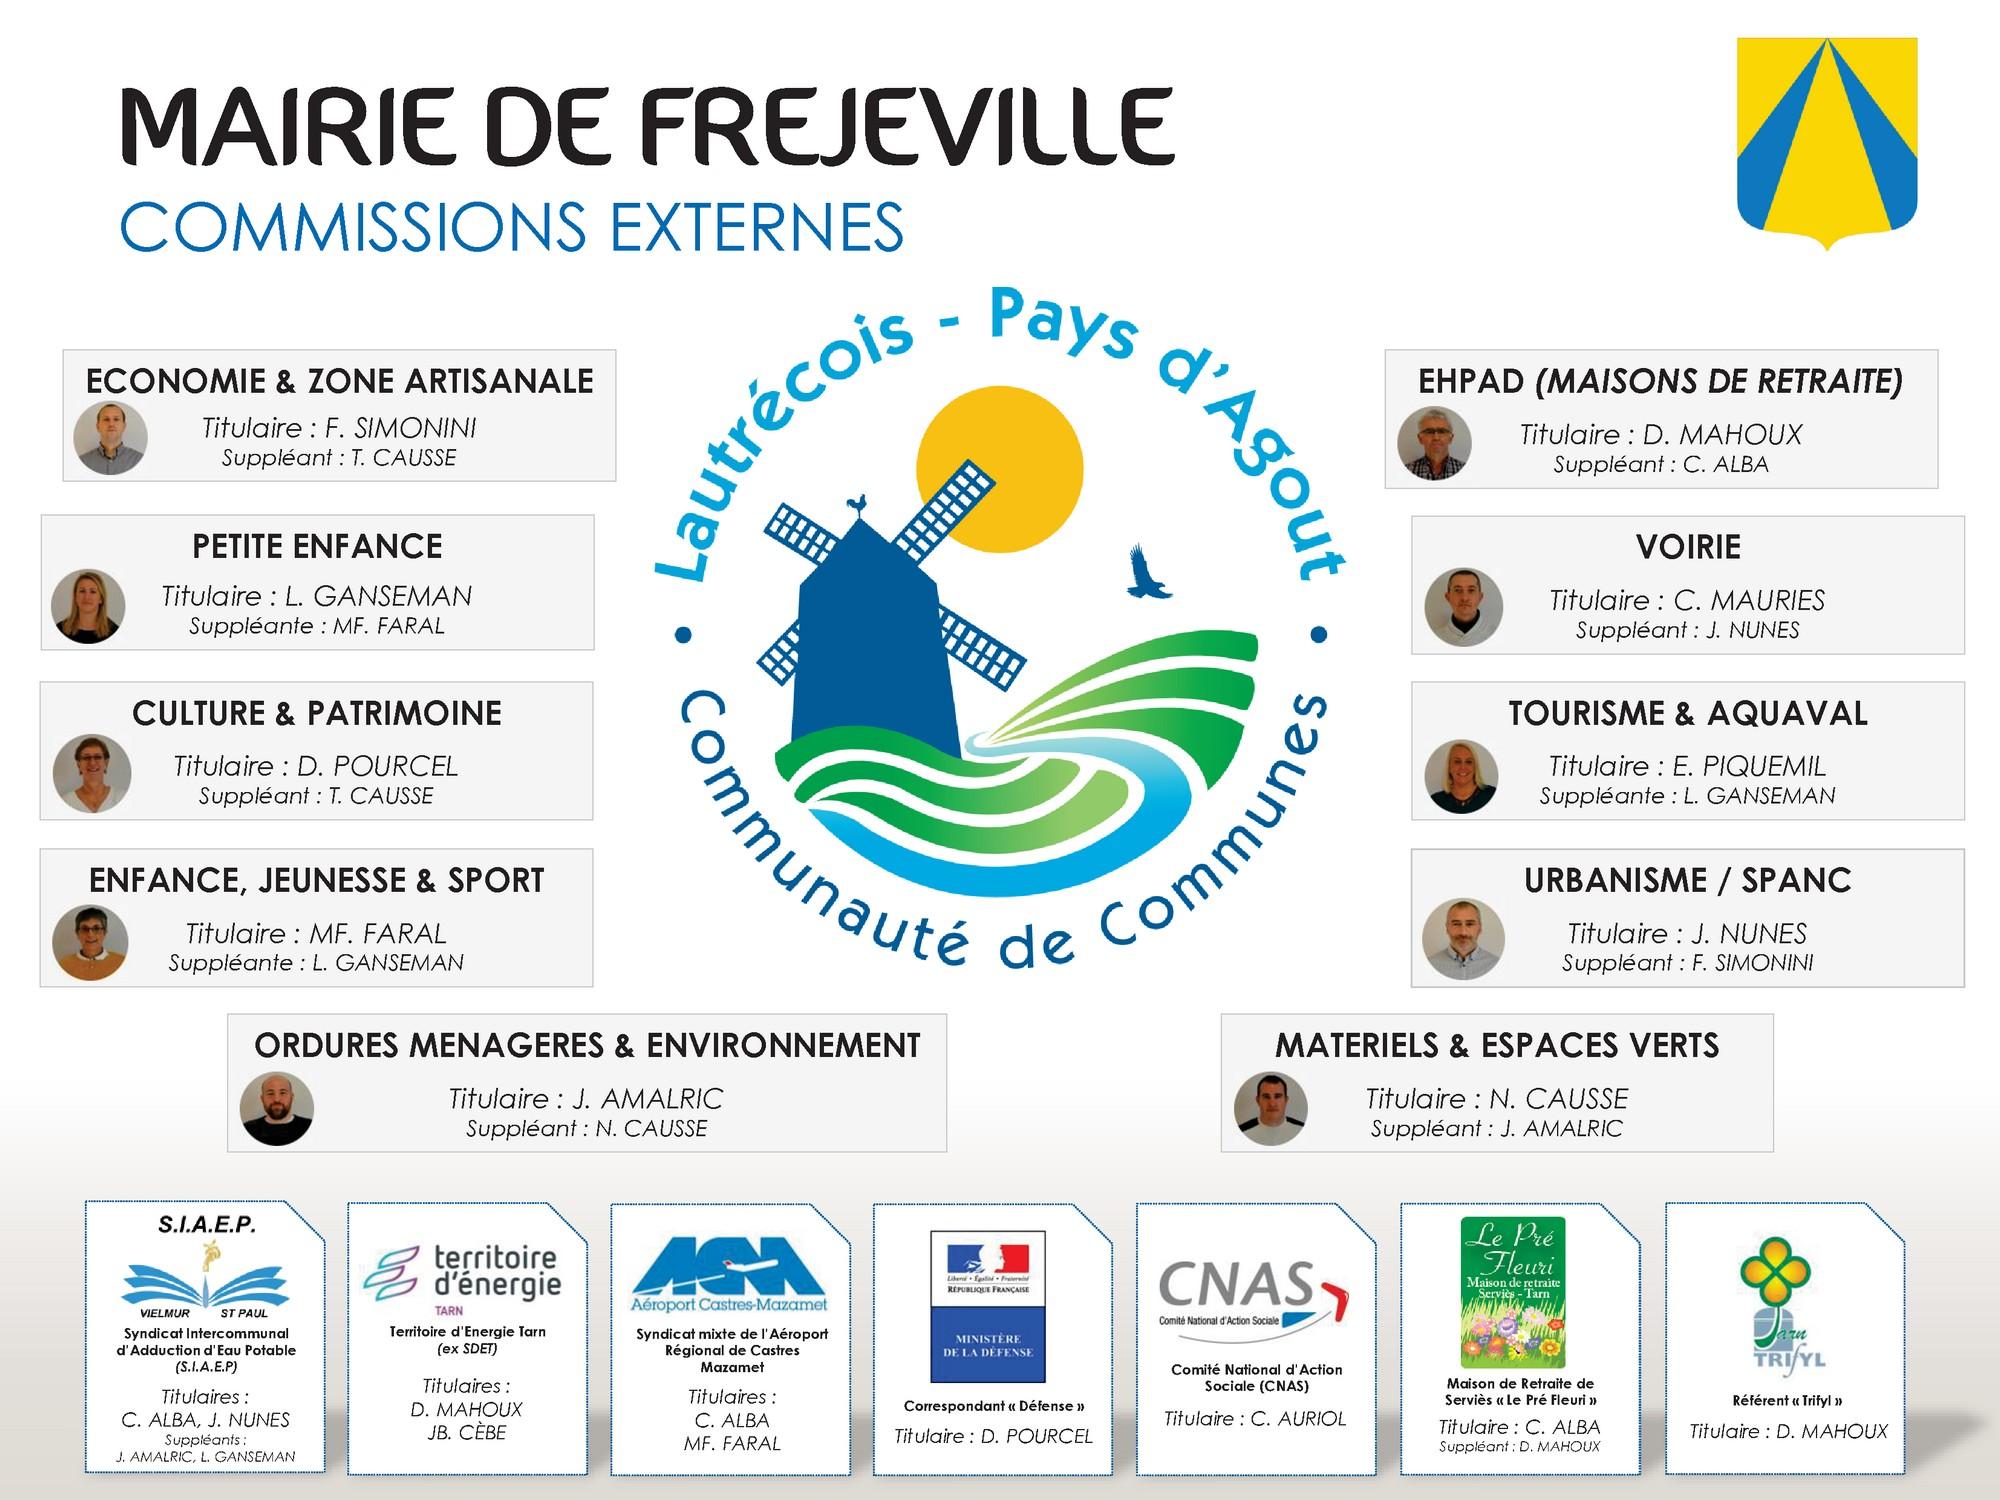 Organigramme Mairie de Fréjeville 2020-2026 - Commissions externes.jpg